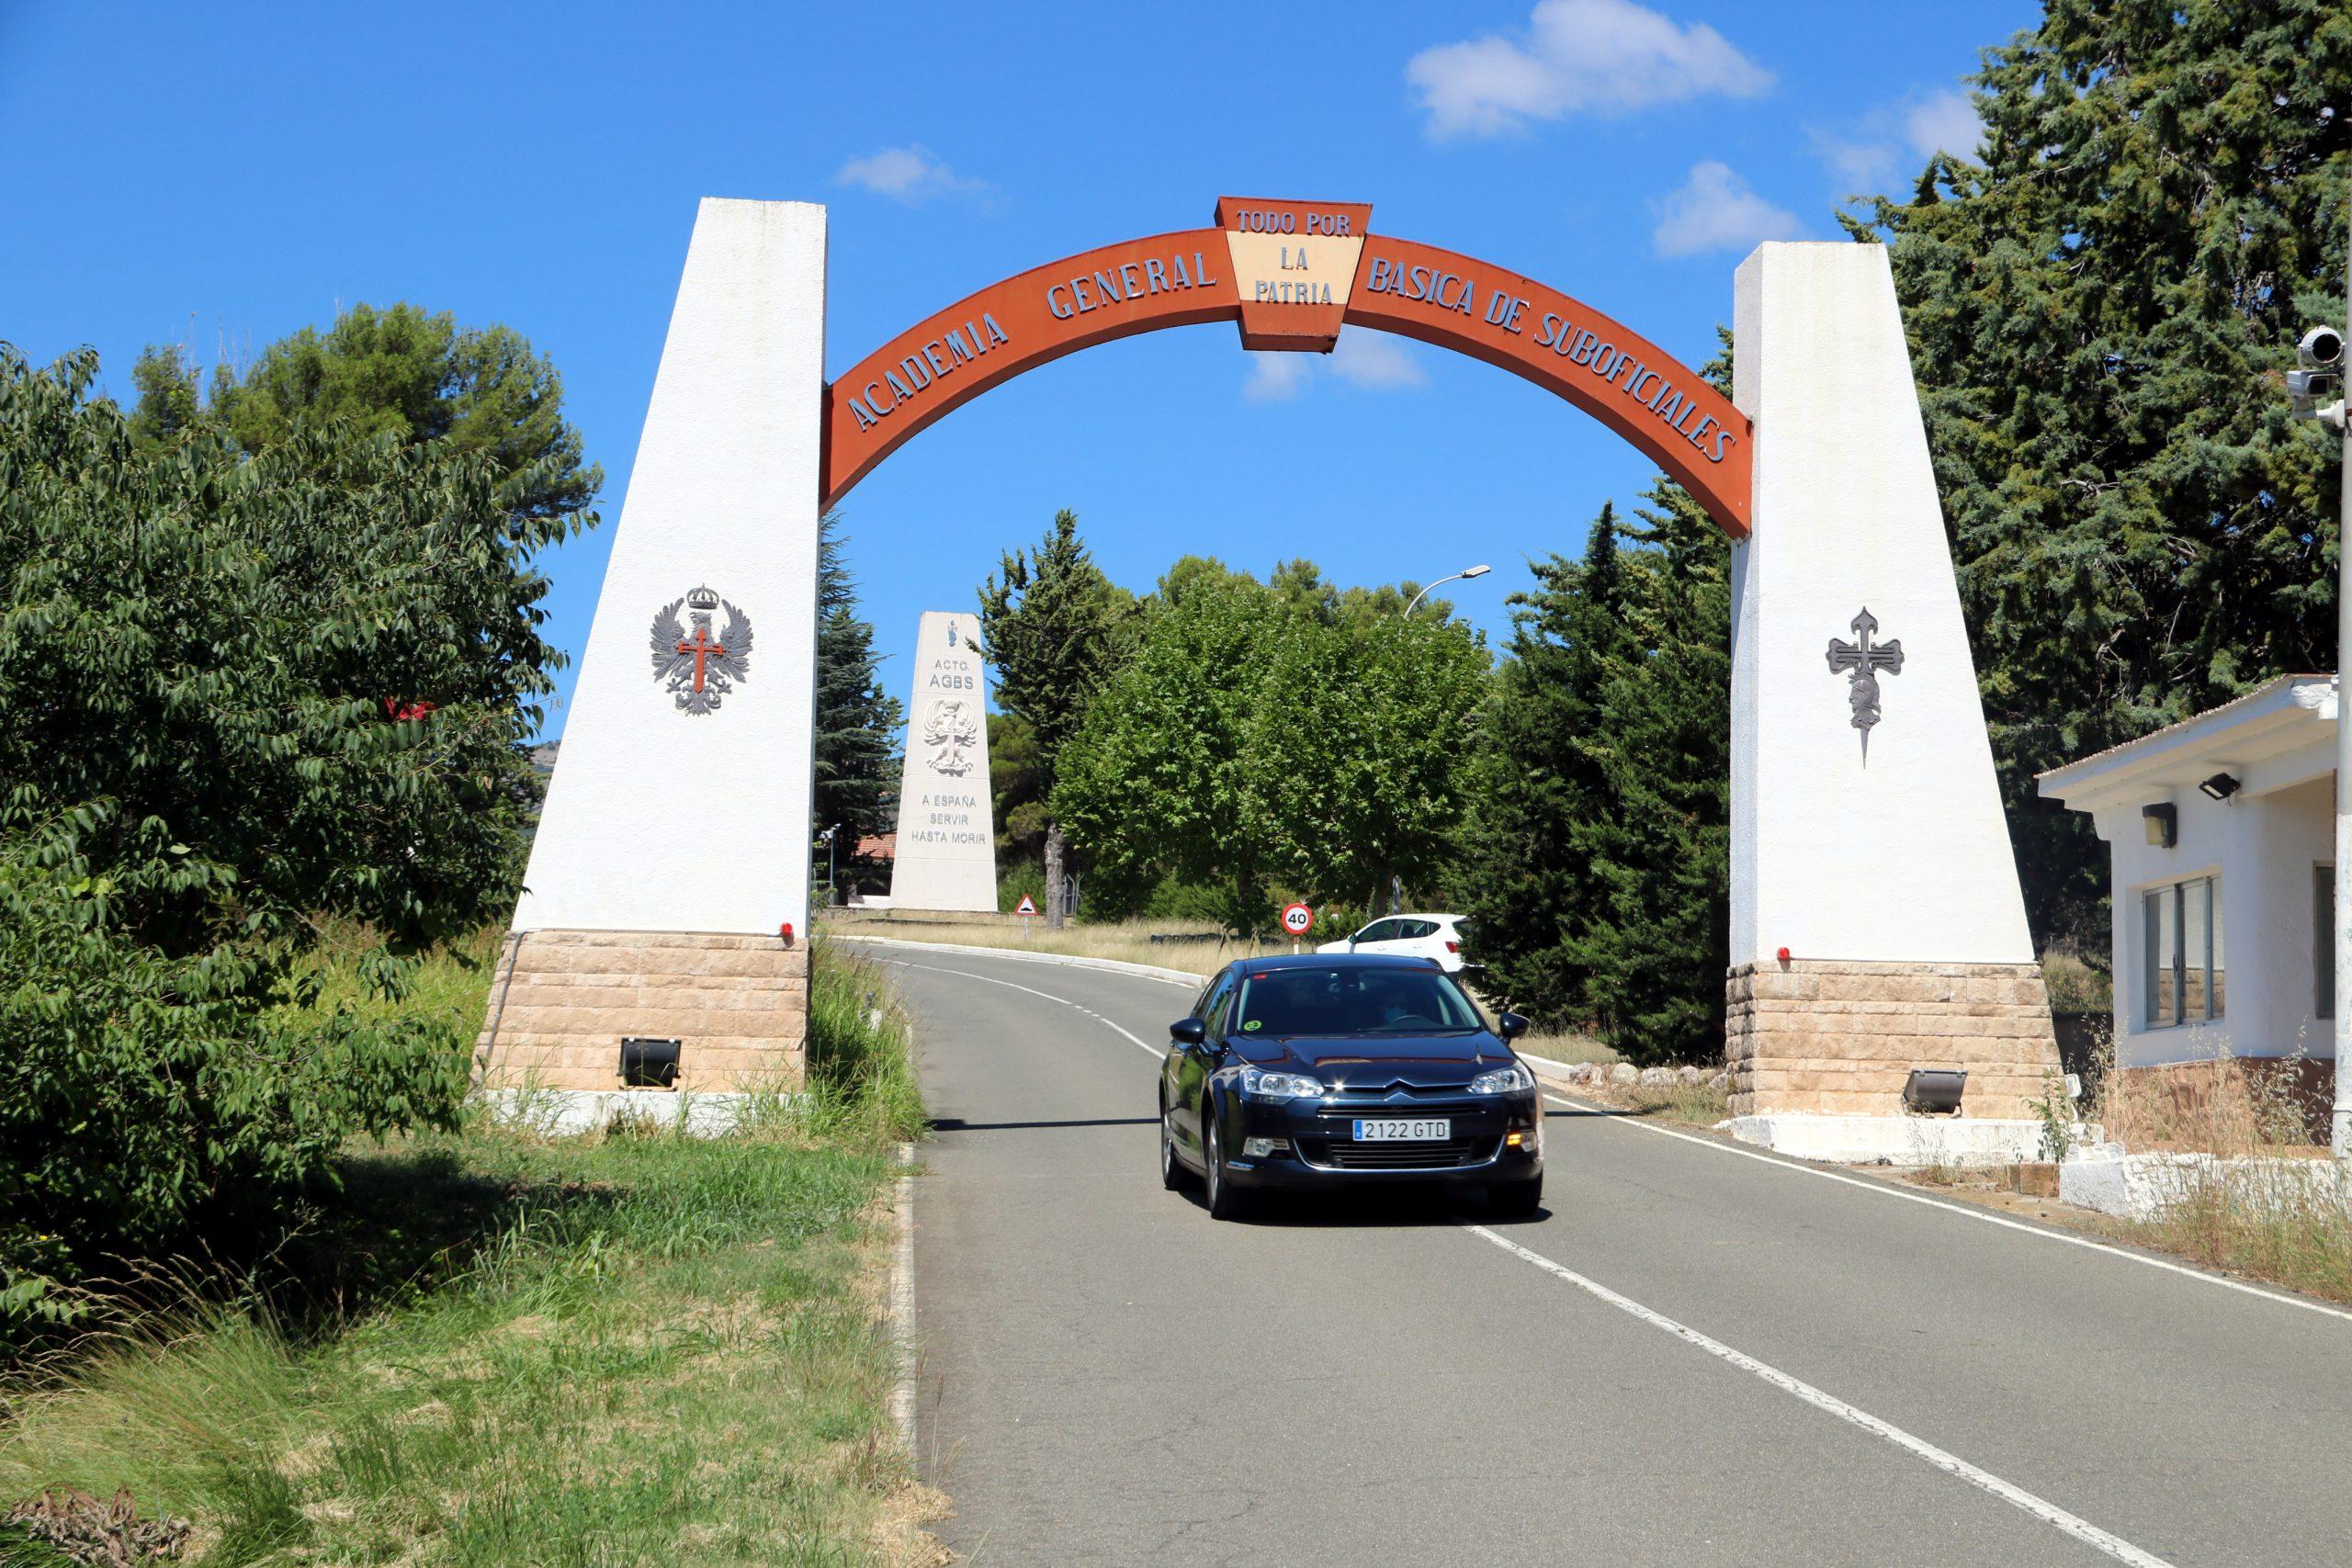 L'entrada de l'Acadèmia militar de Talarn el 3 d'agost del 2020 (ACN)